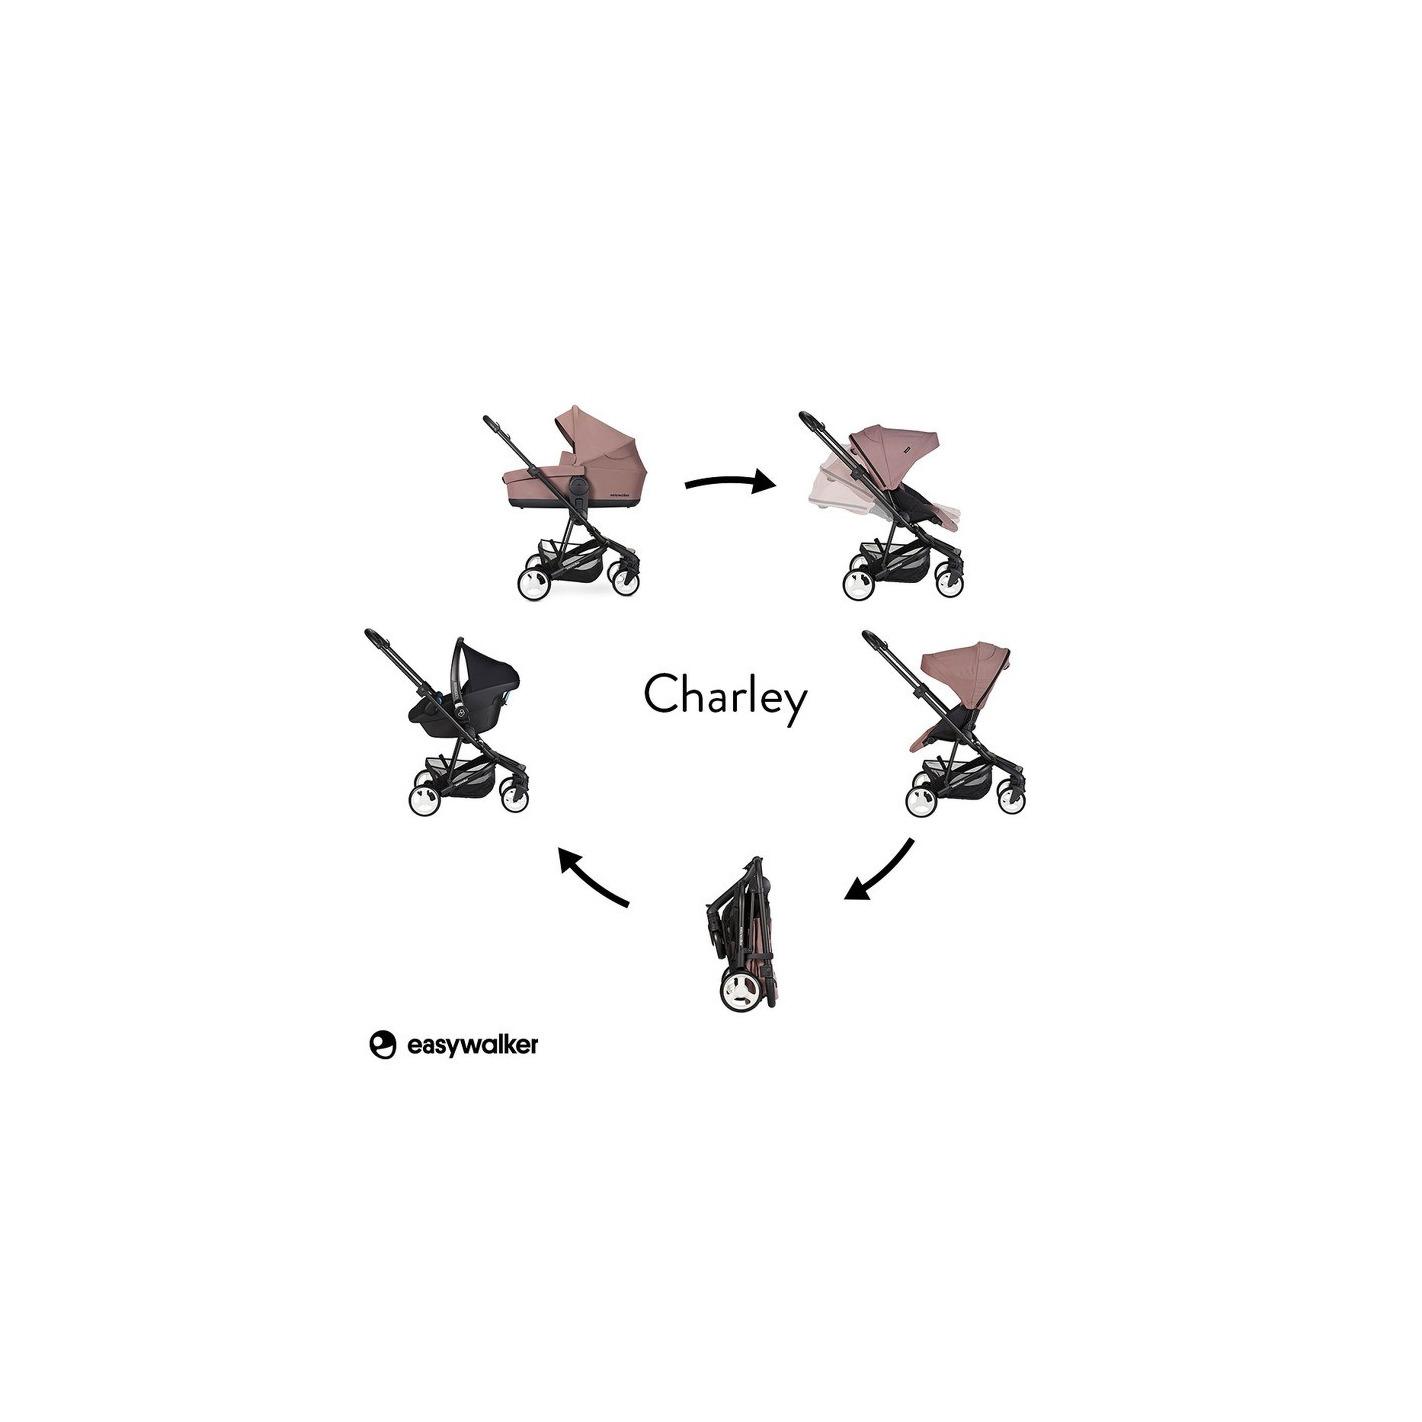 Easywalker Charley Wozek G Boko Spacerowy Desert Pink